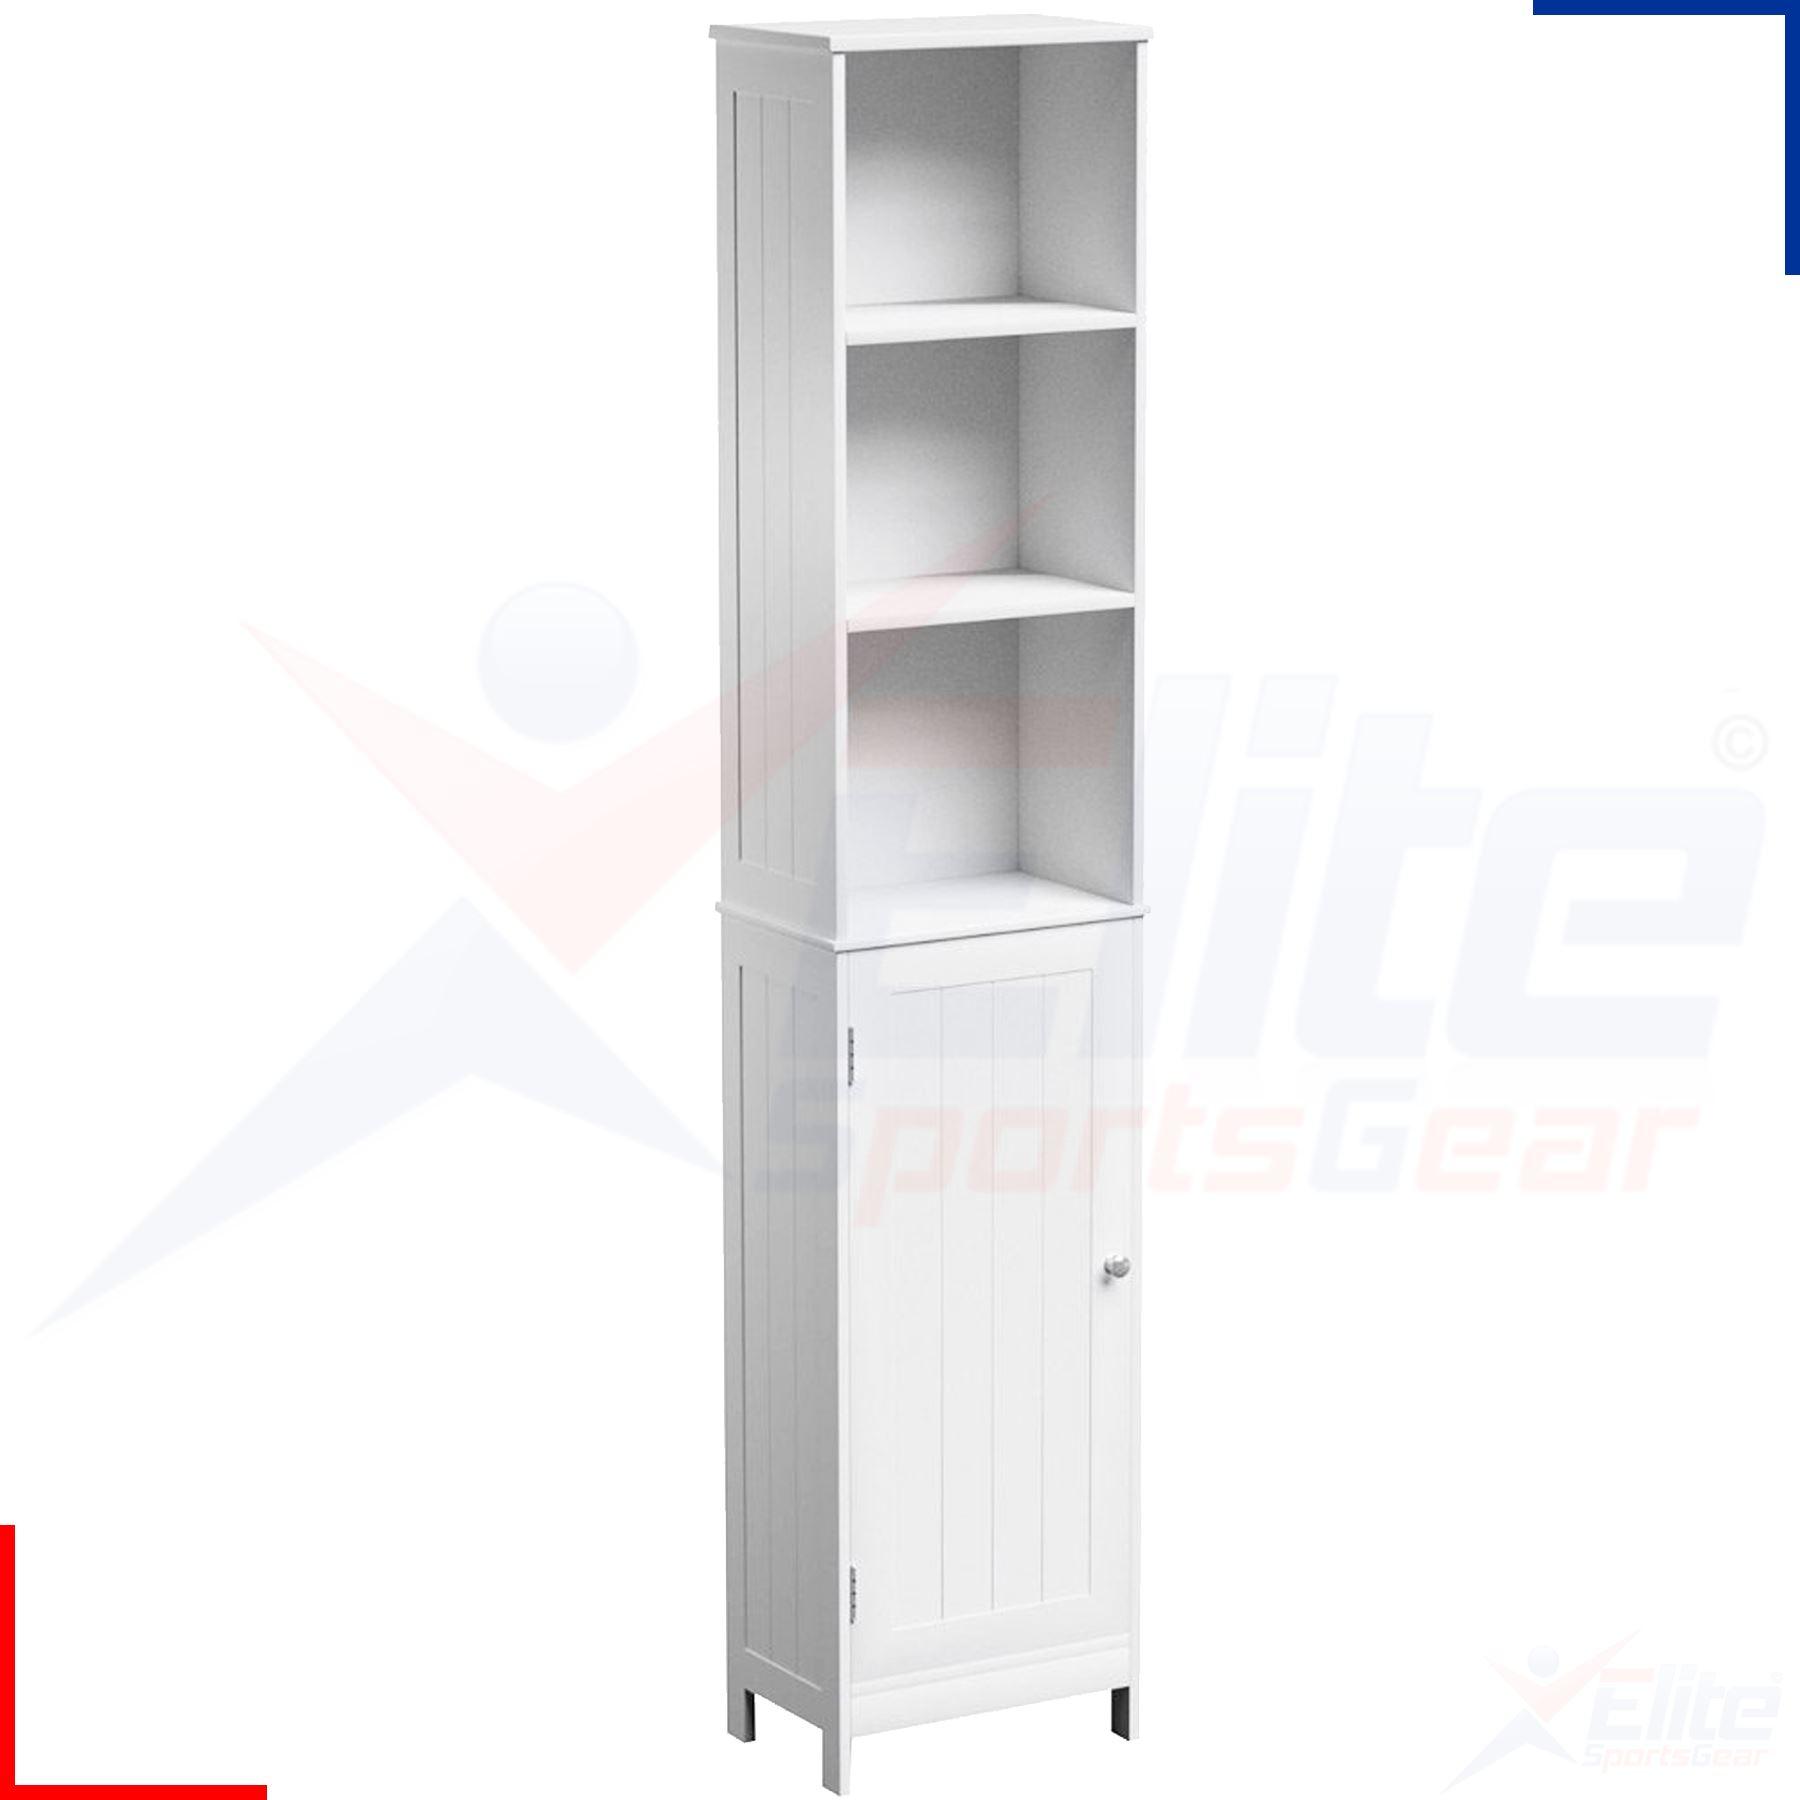 richmond white bathroom suite furniture cabinet drawer storage chest